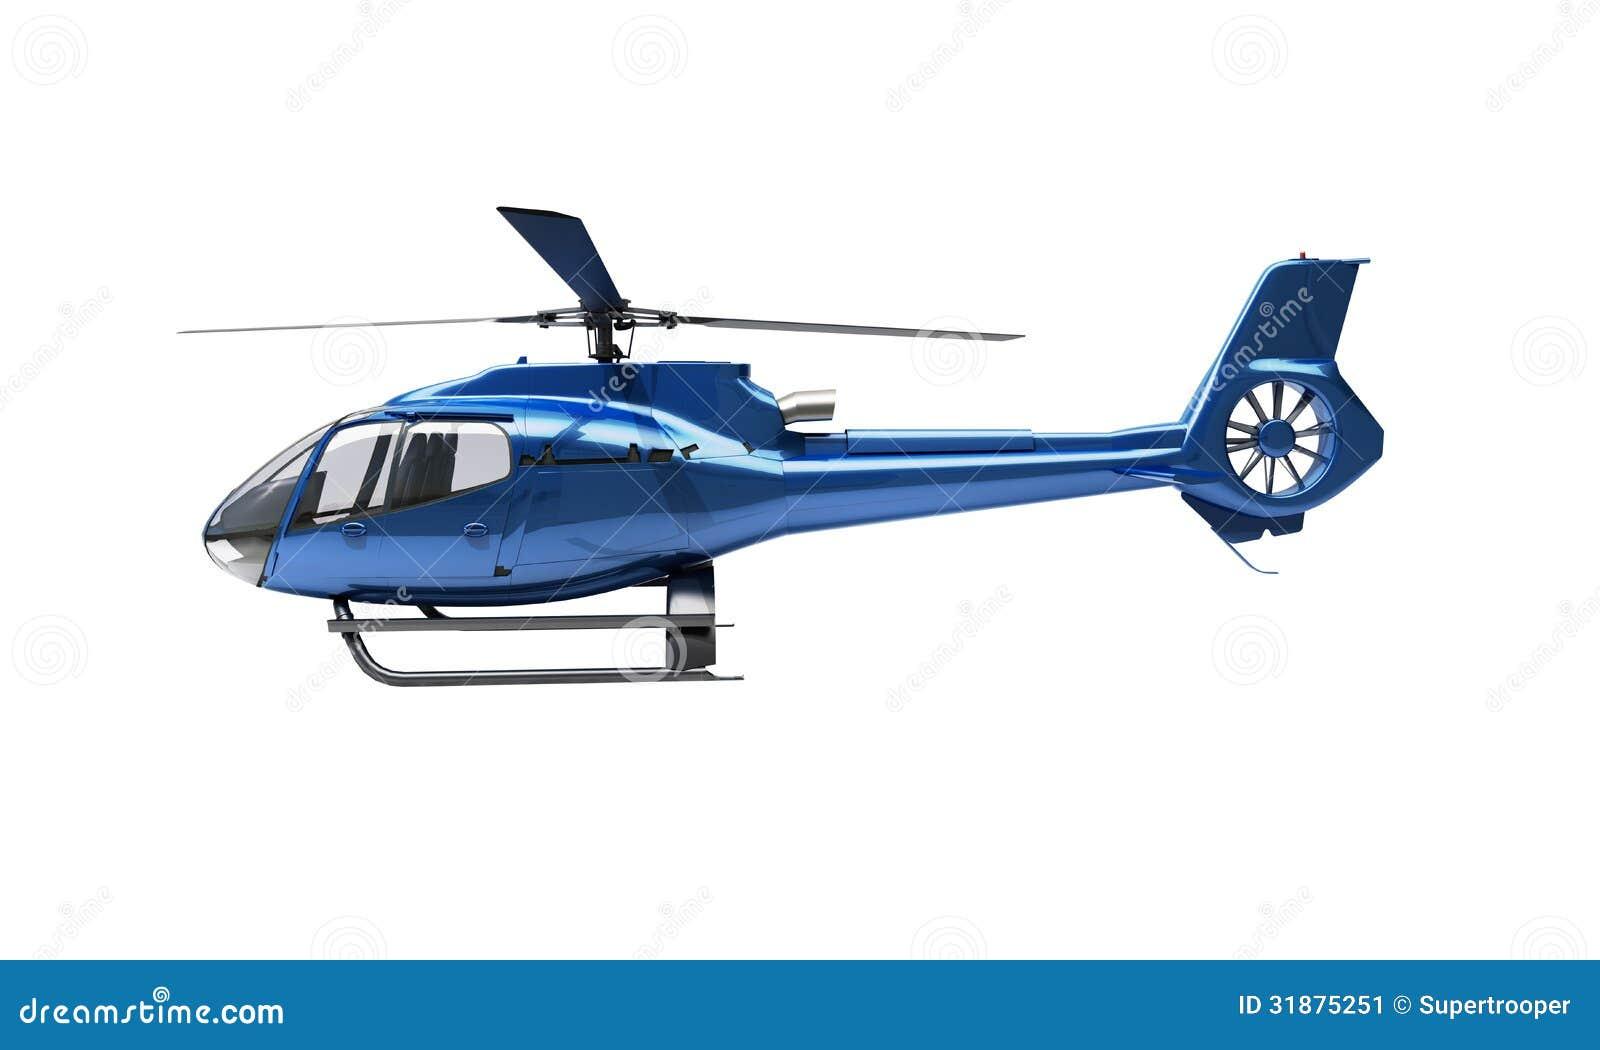 Elicottero Quarto : Elicottero moderno isolato immagine stock immagine di carrello